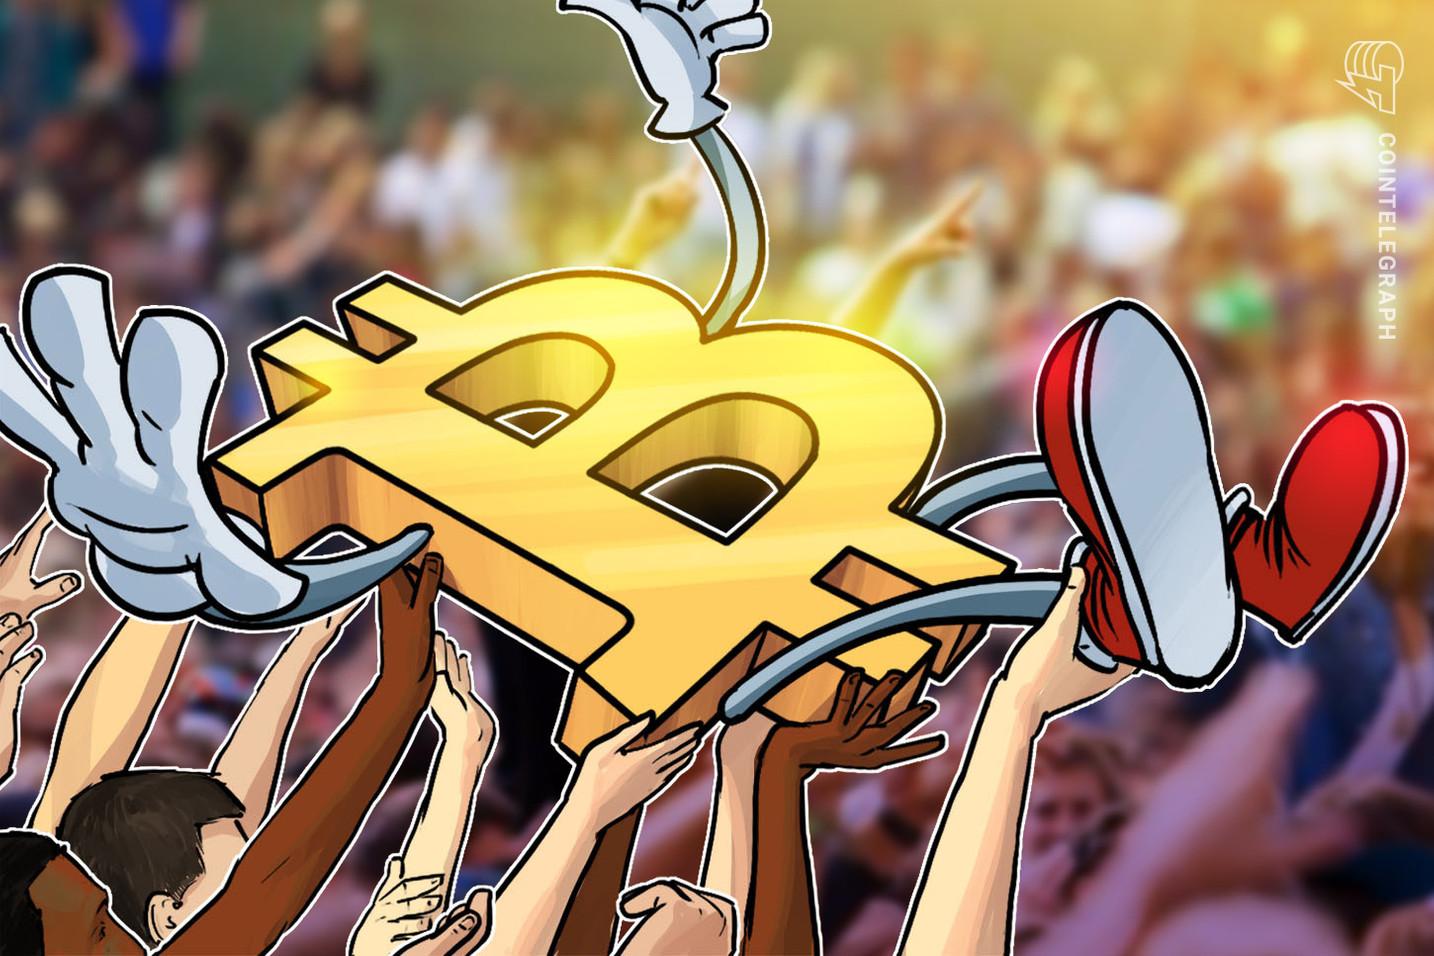 Nuovi indirizzi Bitcoin in crescita dopo le pubblicità crypto del governo cinese